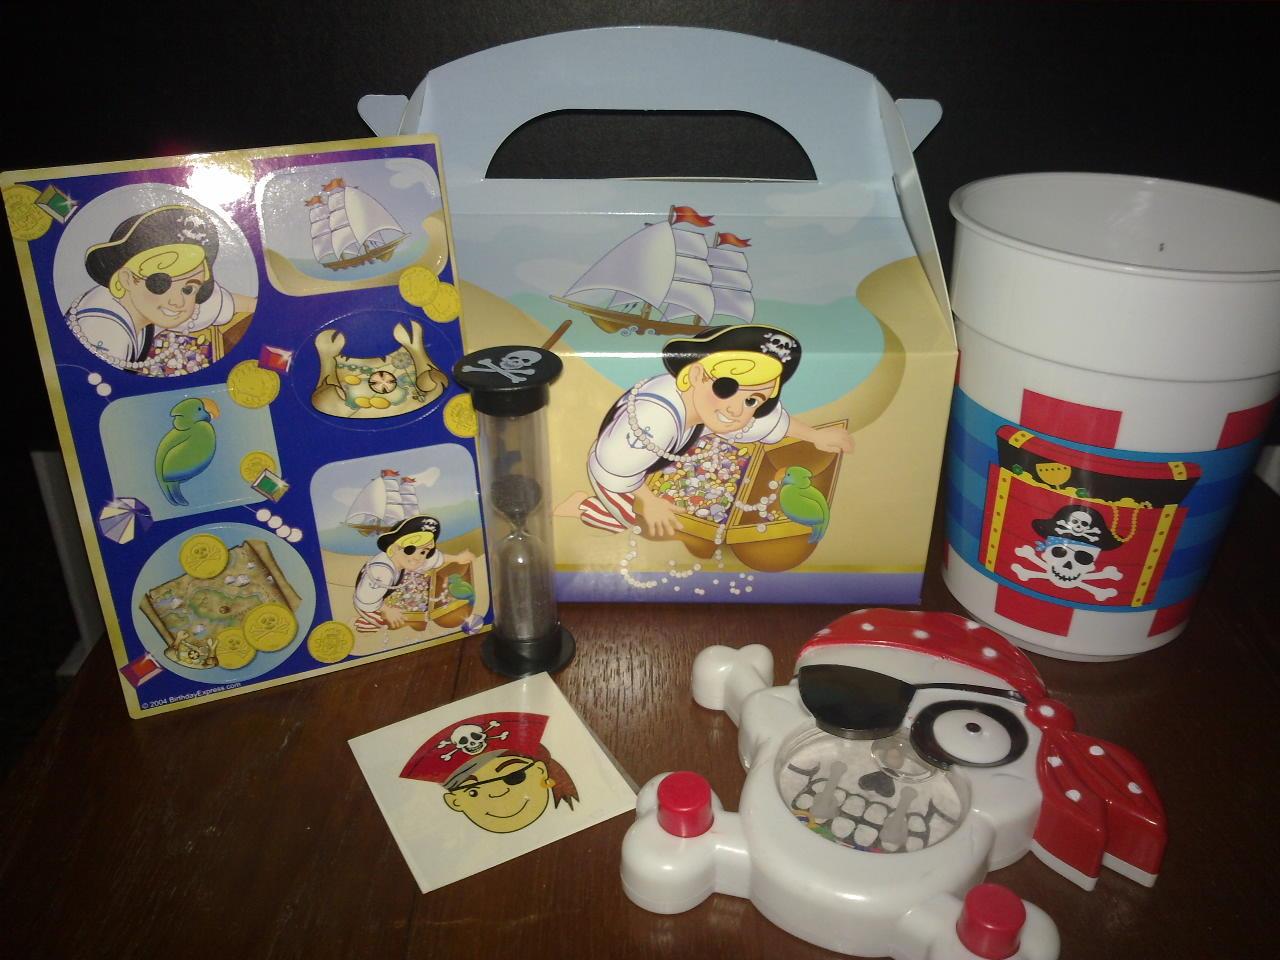 http://2.bp.blogspot.com/_IHM2IMl-kYk/TJQzkTjeU-I/AAAAAAAABT4/OhZkf3nezvk/s1600/PirateBox.jpg